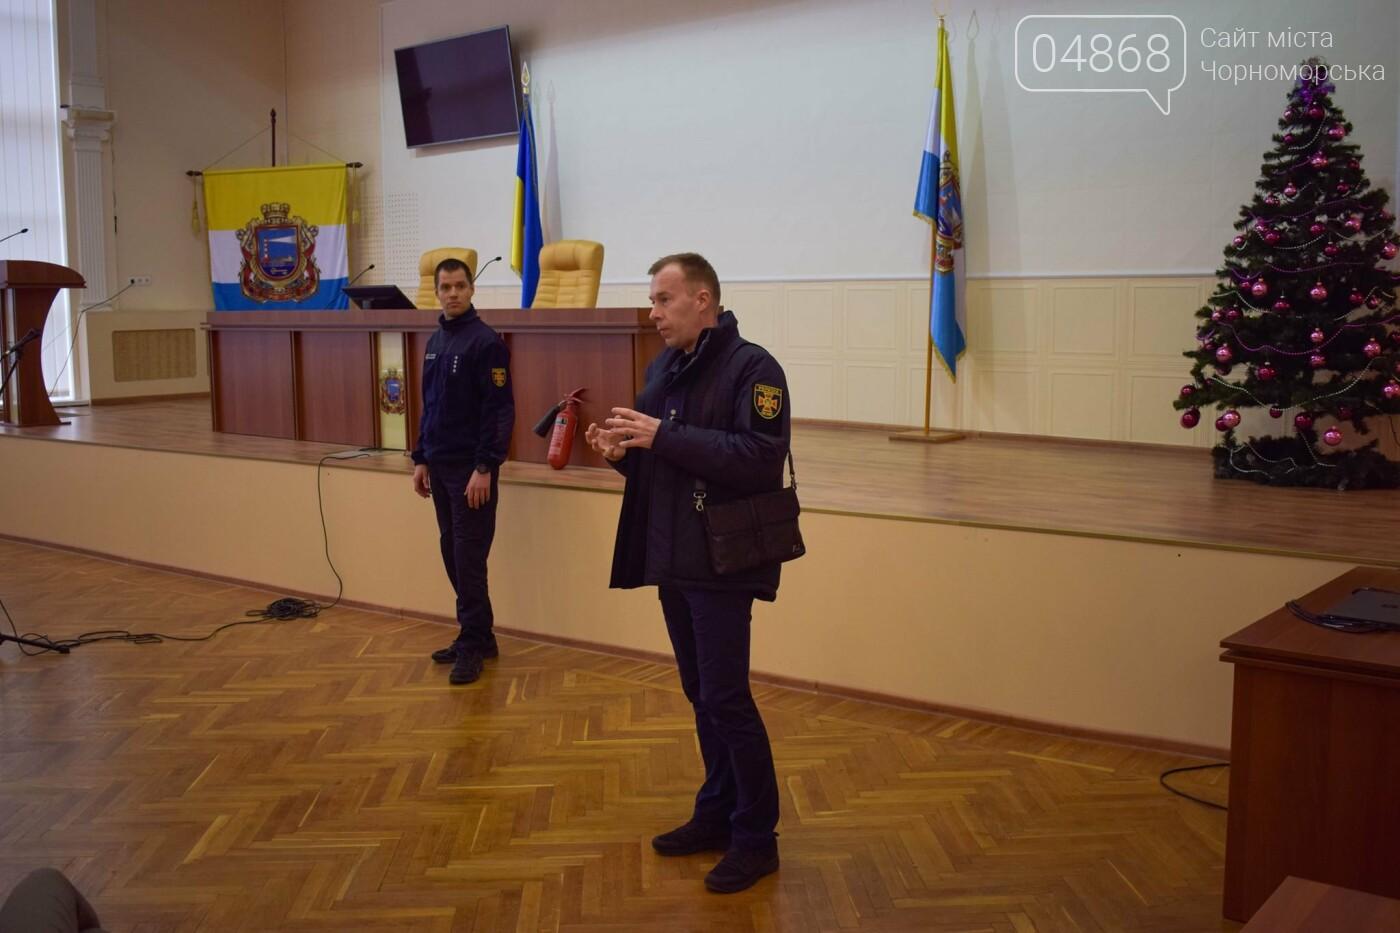 Черноморские спасатели обучали местных чиновников правилам пожарной безопасности, фото-6